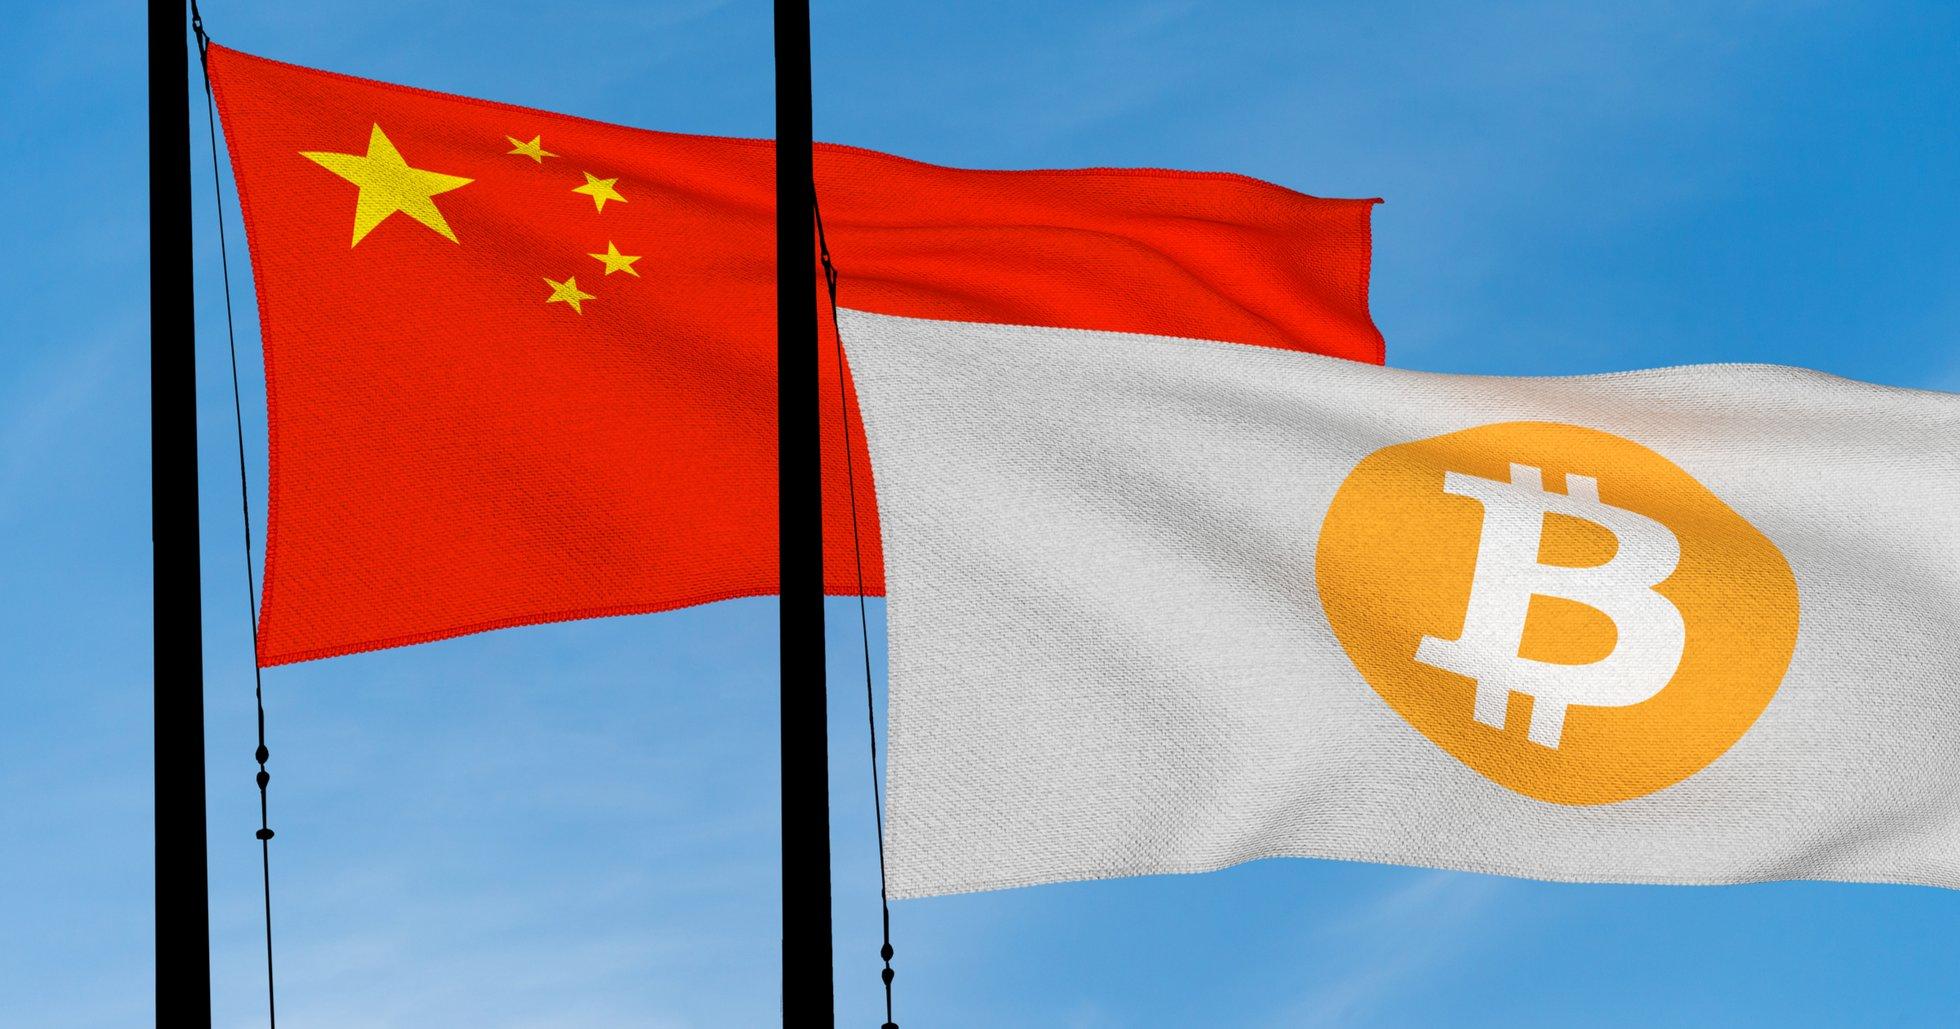 Kina varnar för kryptospekulation efter bitcoinprisets kraftiga uppgång.